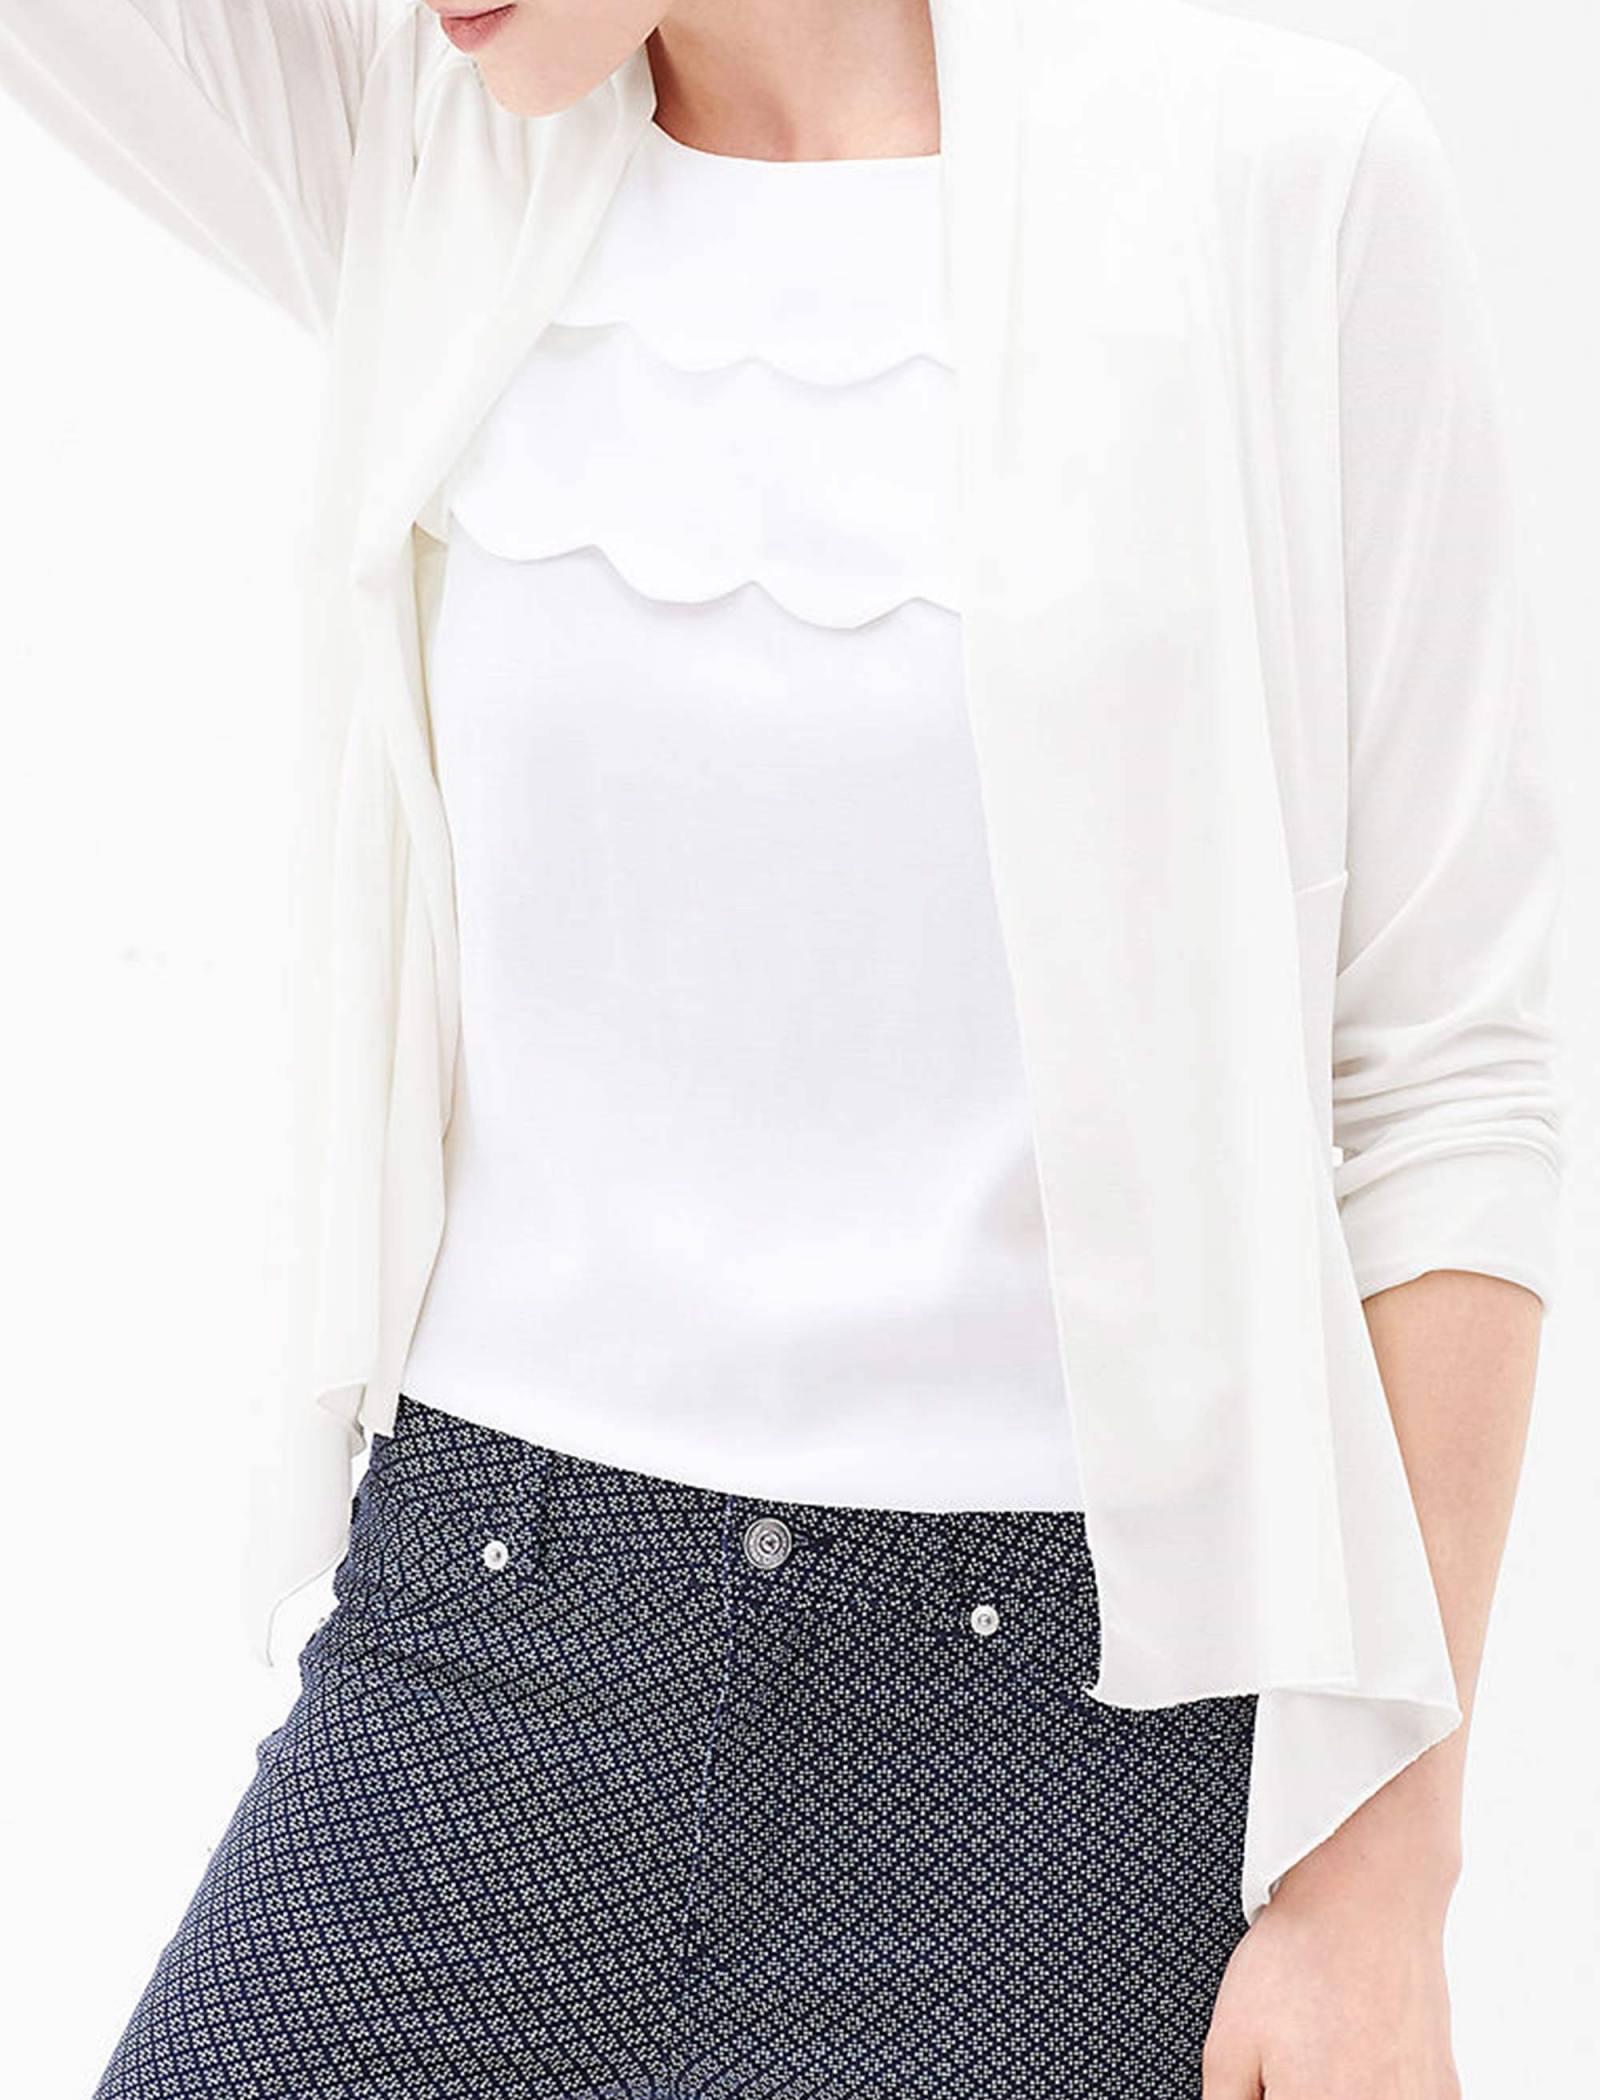 رویه لباس ساده زنانه - اس.اولیور - سفيد - 3